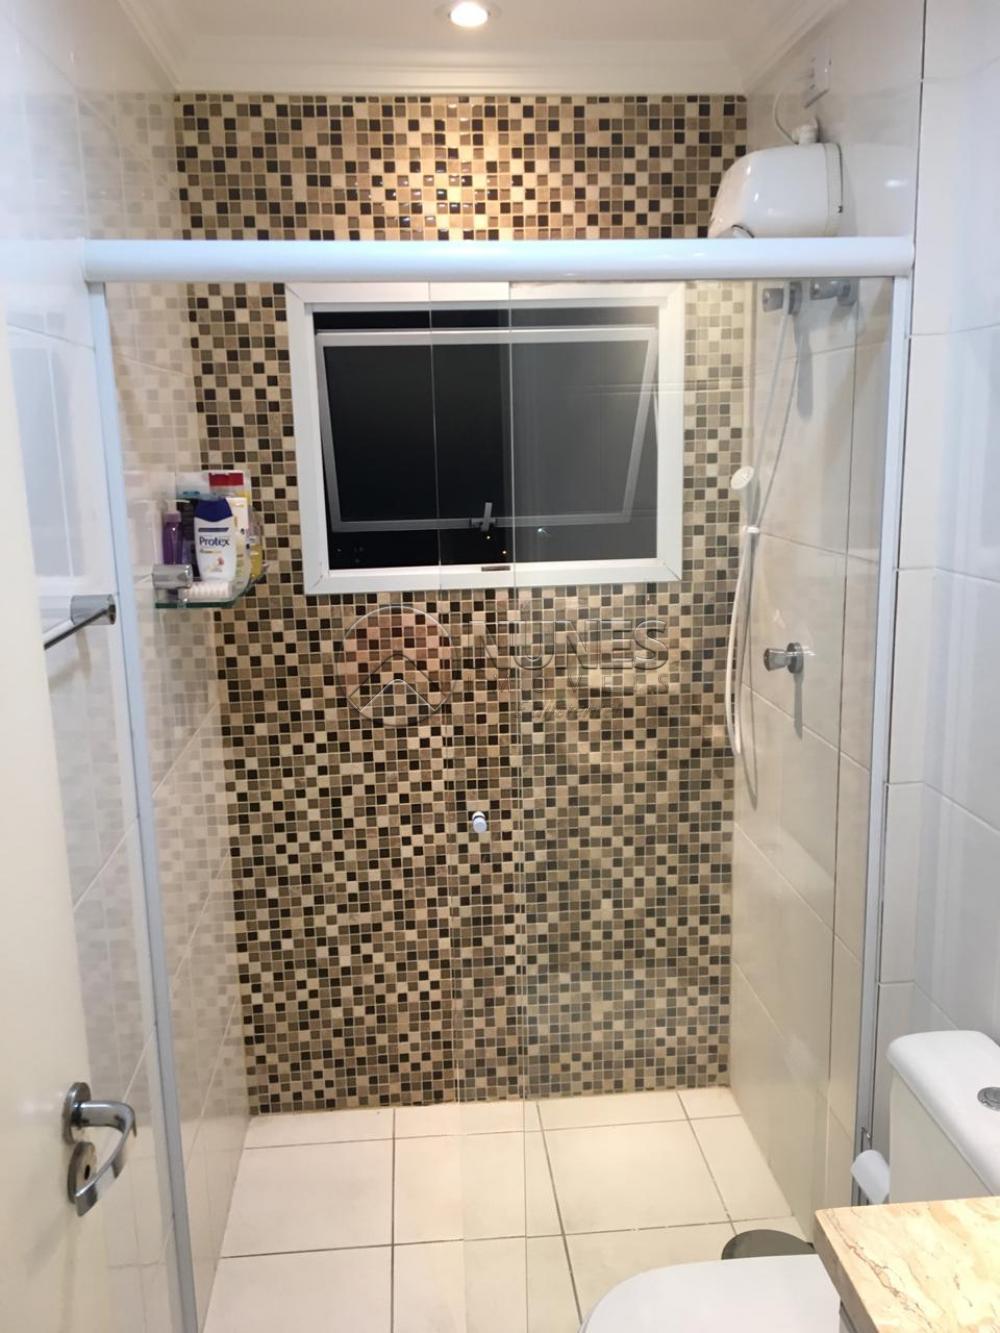 Comprar Apartamento / Padrão em Osasco apenas R$ 250.000,00 - Foto 14